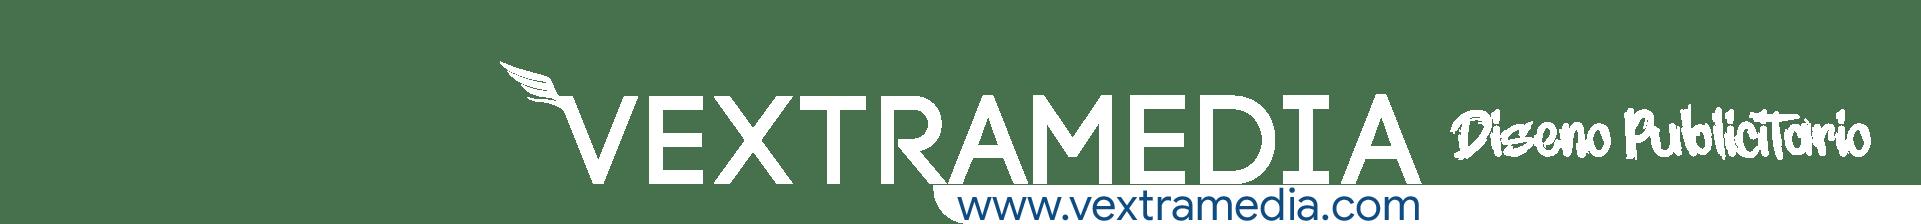 cabecera-diseño-publicitario-vextramedia-